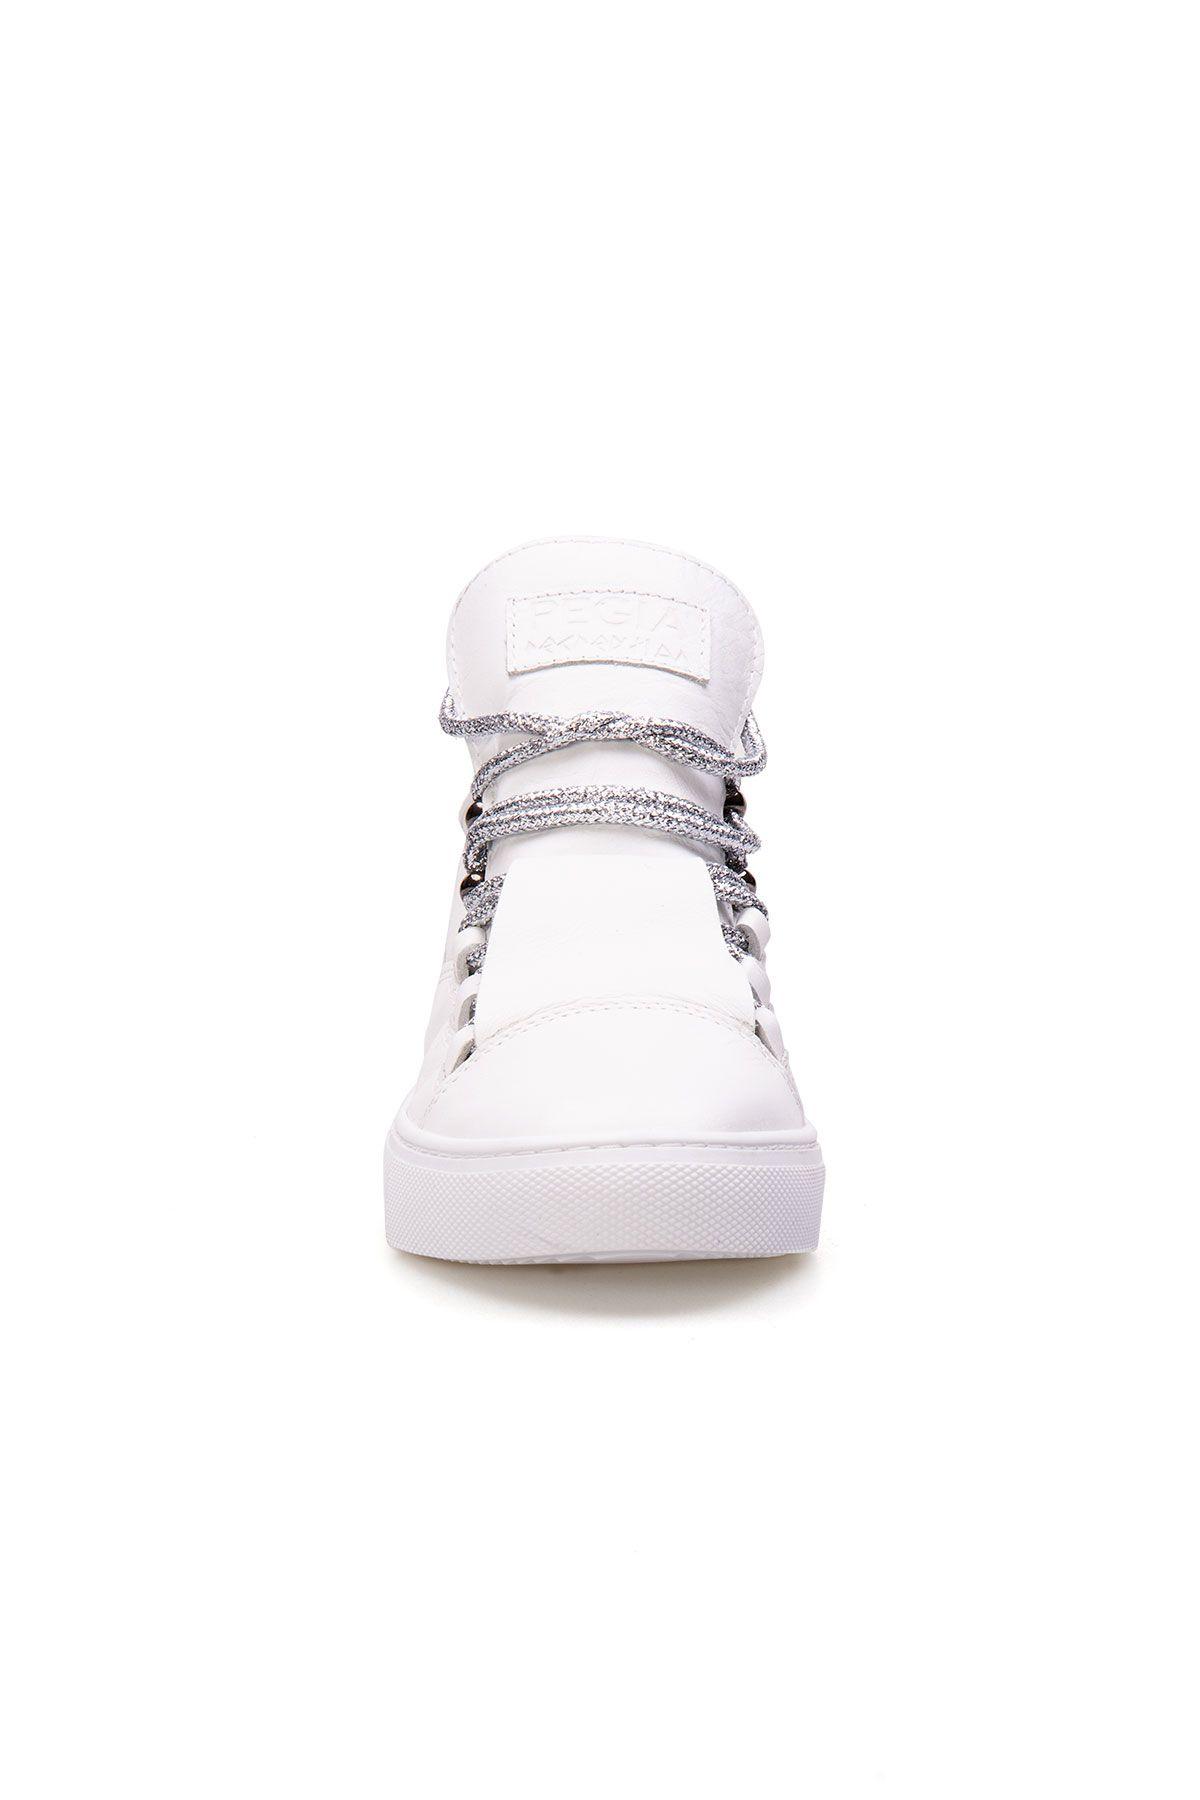 Pegia Genuine Leather Women's Sneaker LA1302 White